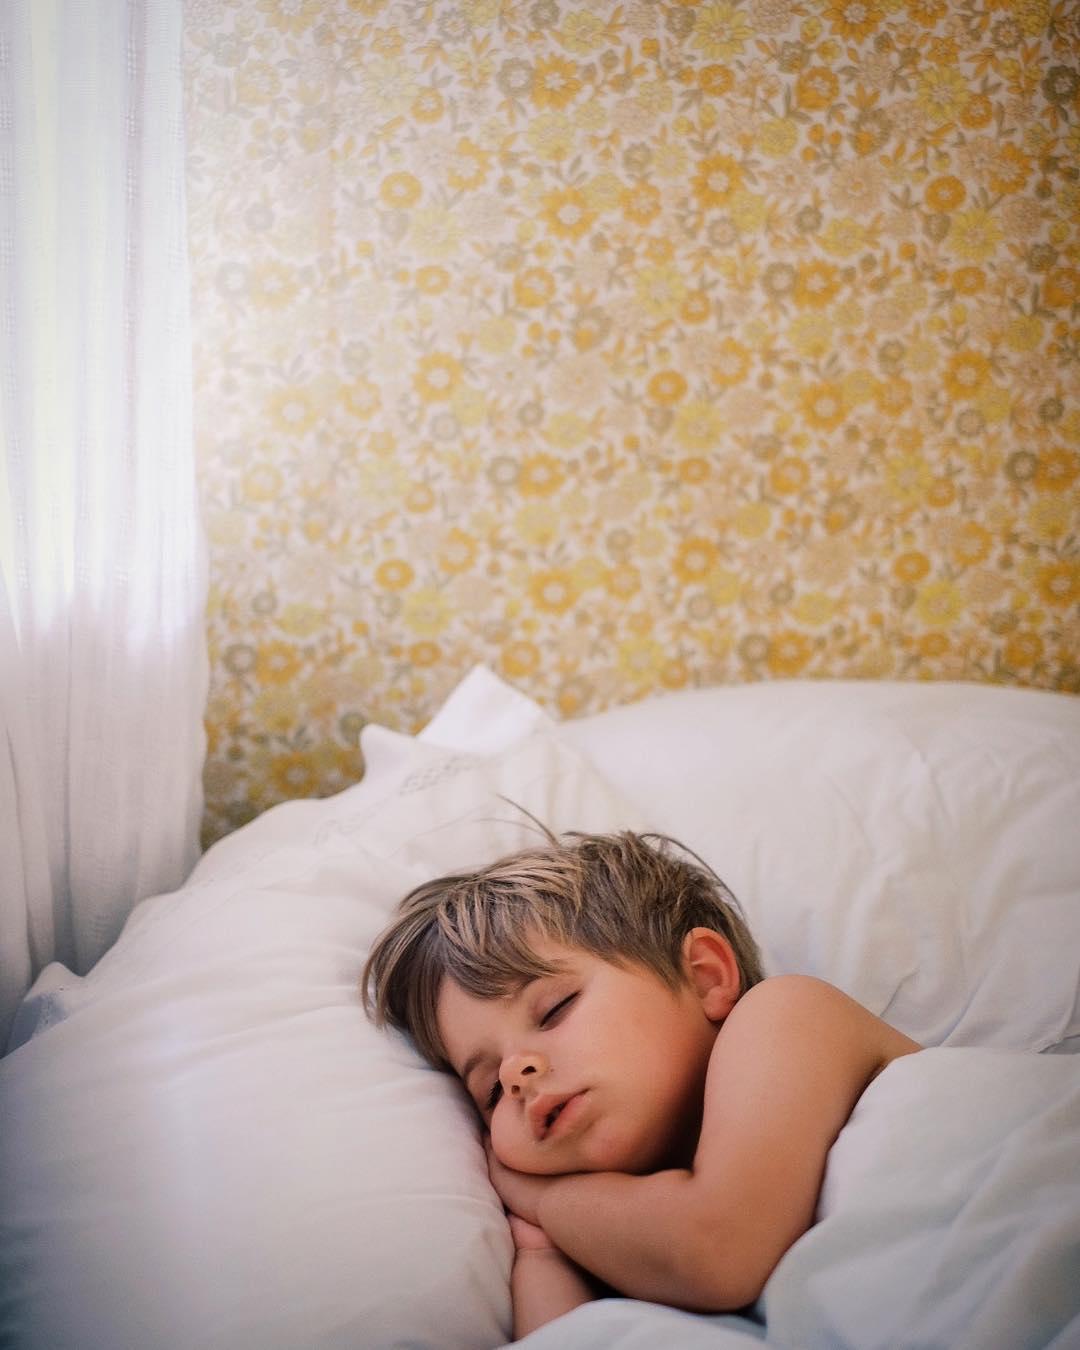 Tnk om alla kunde sova sdr som bara ett barnhellip